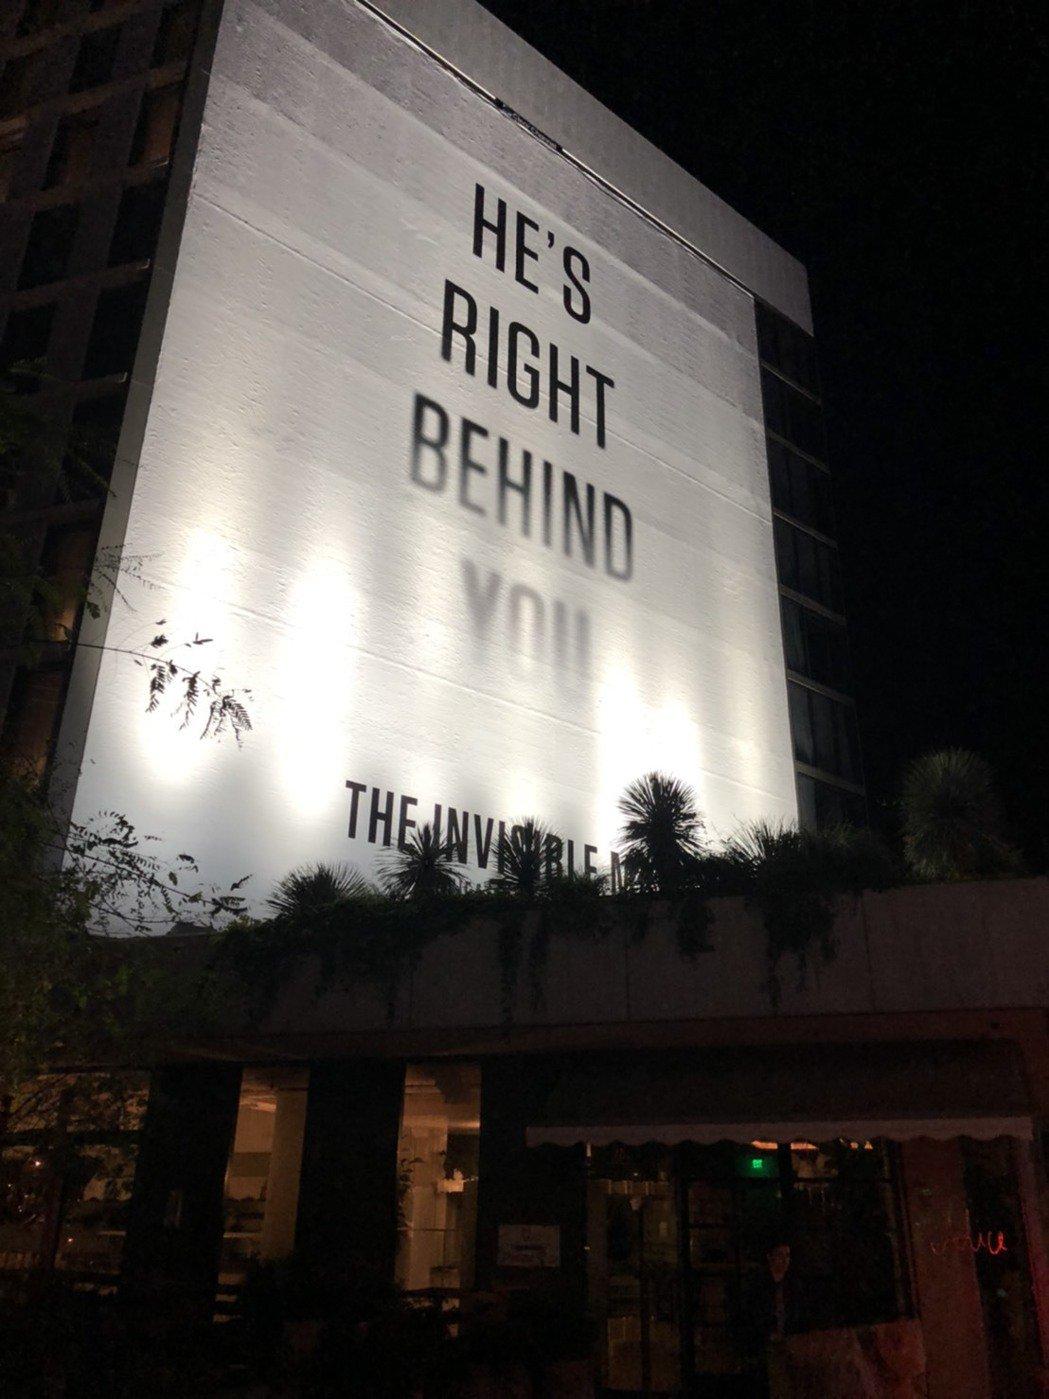 「隱形人」在洛杉磯到處都有大型試片看板,包括這張「他就站在你背後」。記者陳建嘉攝